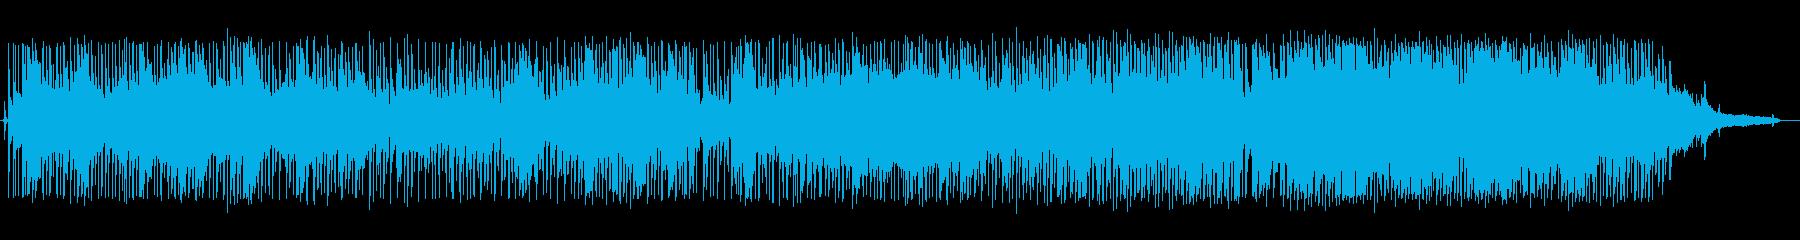 サックスを使用したライブサウンドア...の再生済みの波形